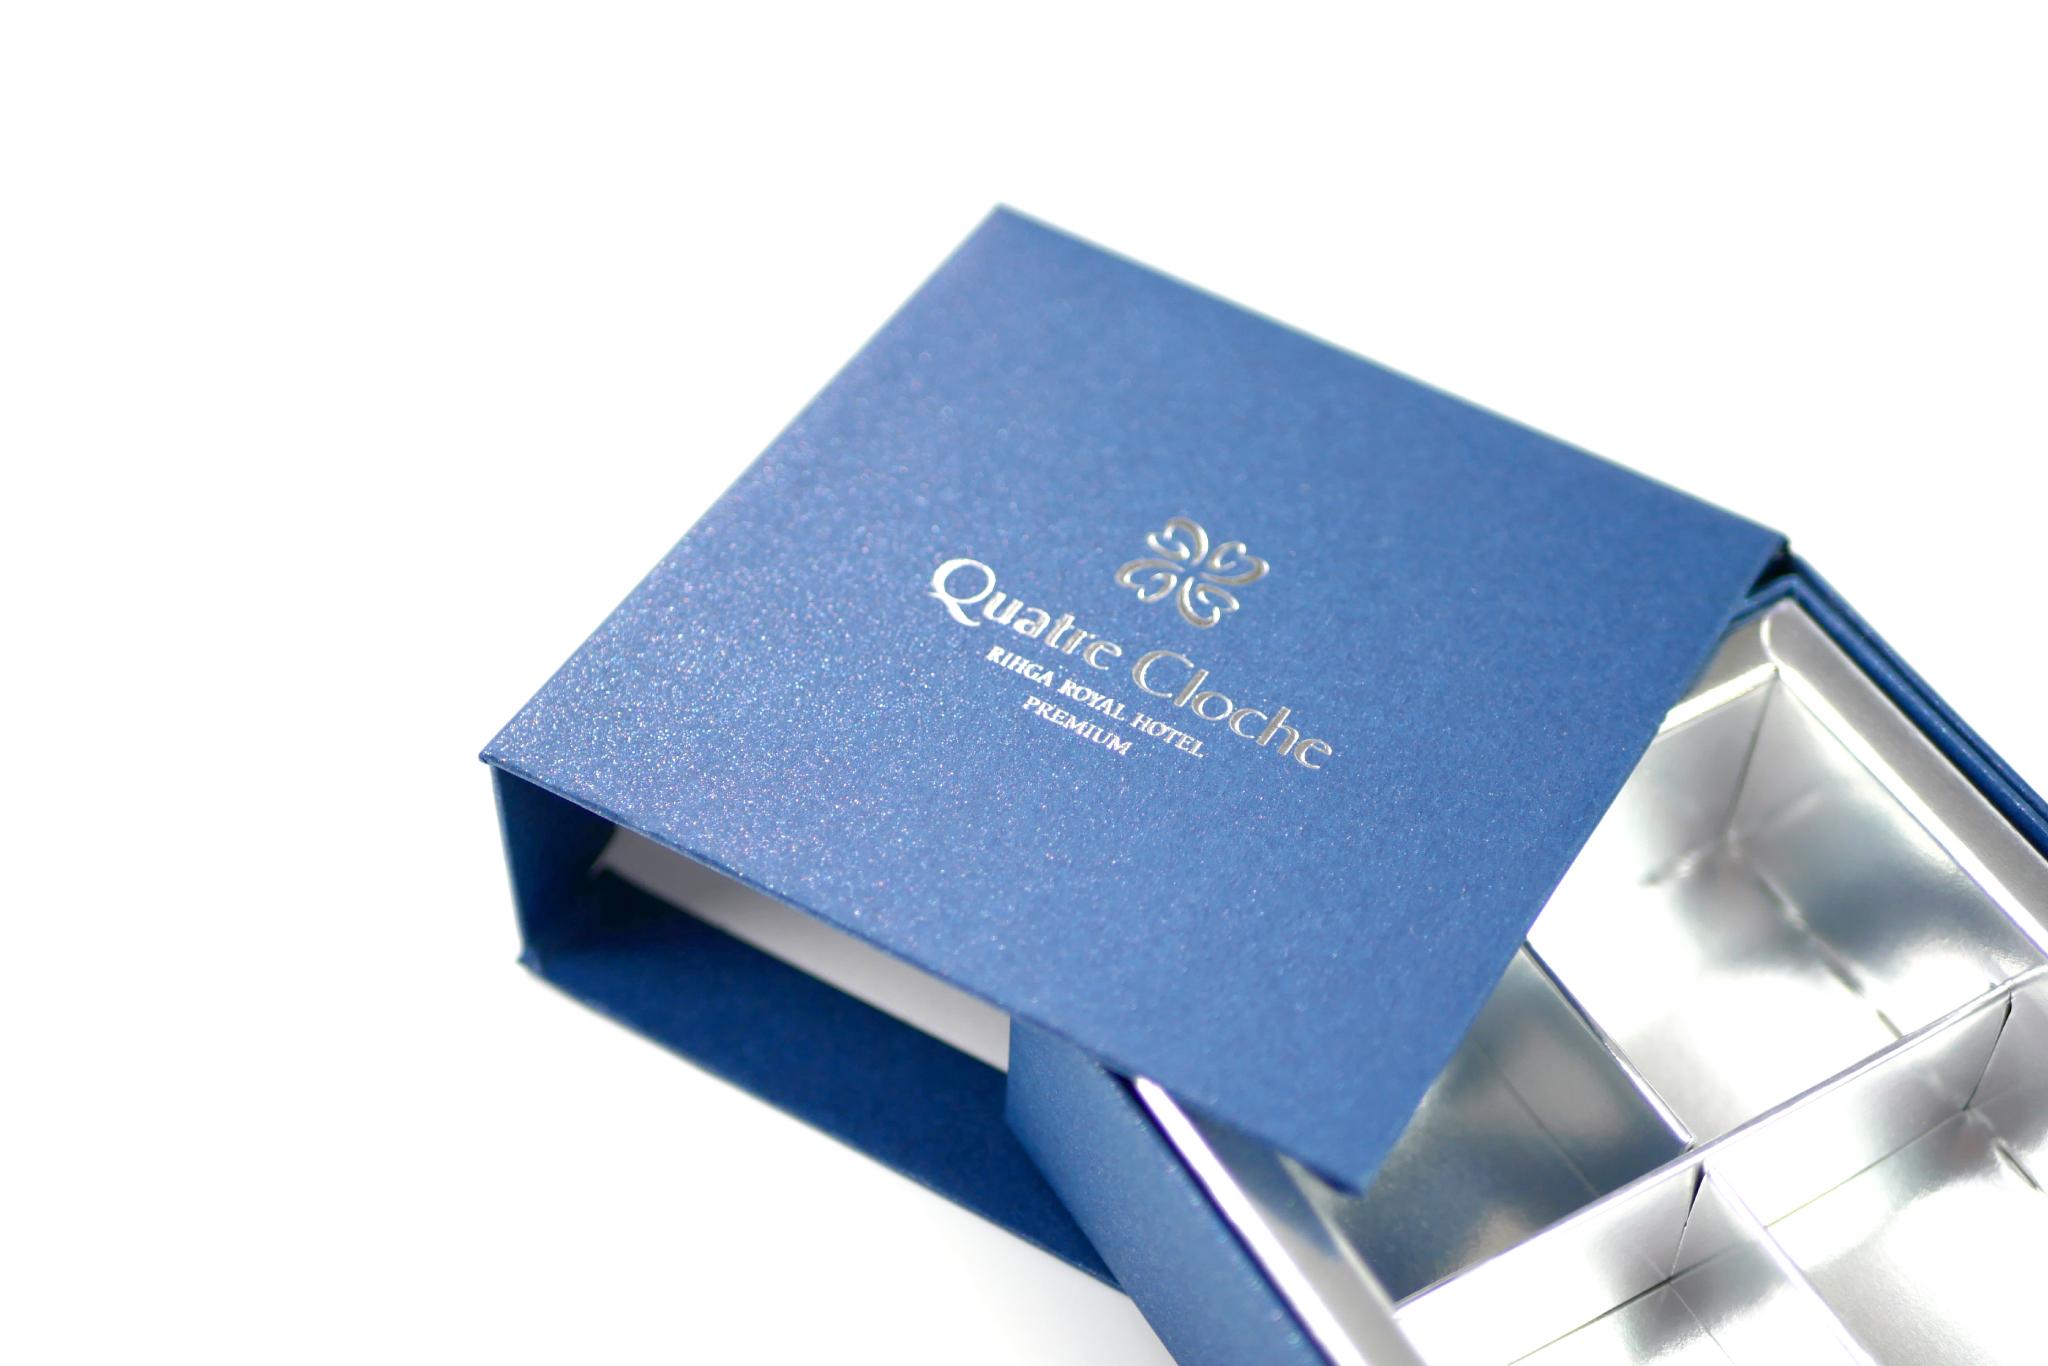 オリジナルパッケージ|バレンタイン|チョコレート|貼り箱|スライド貼り箱